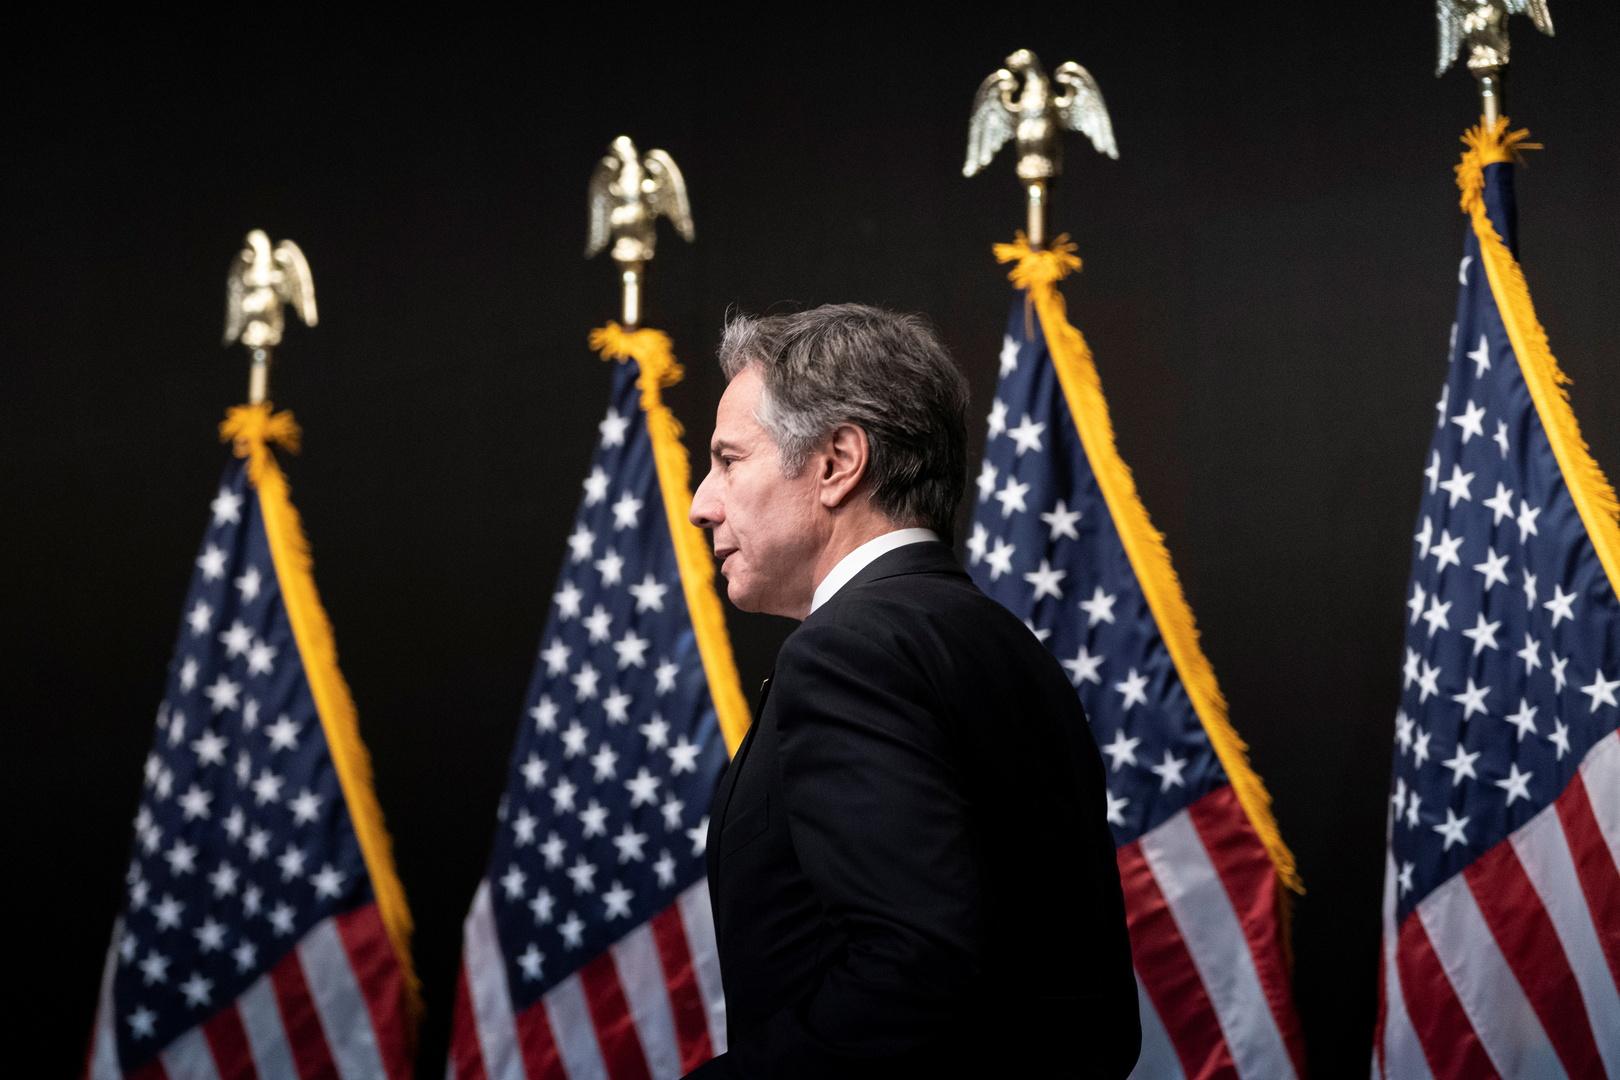 واشنطن: 10 آلاف من مقاتلي